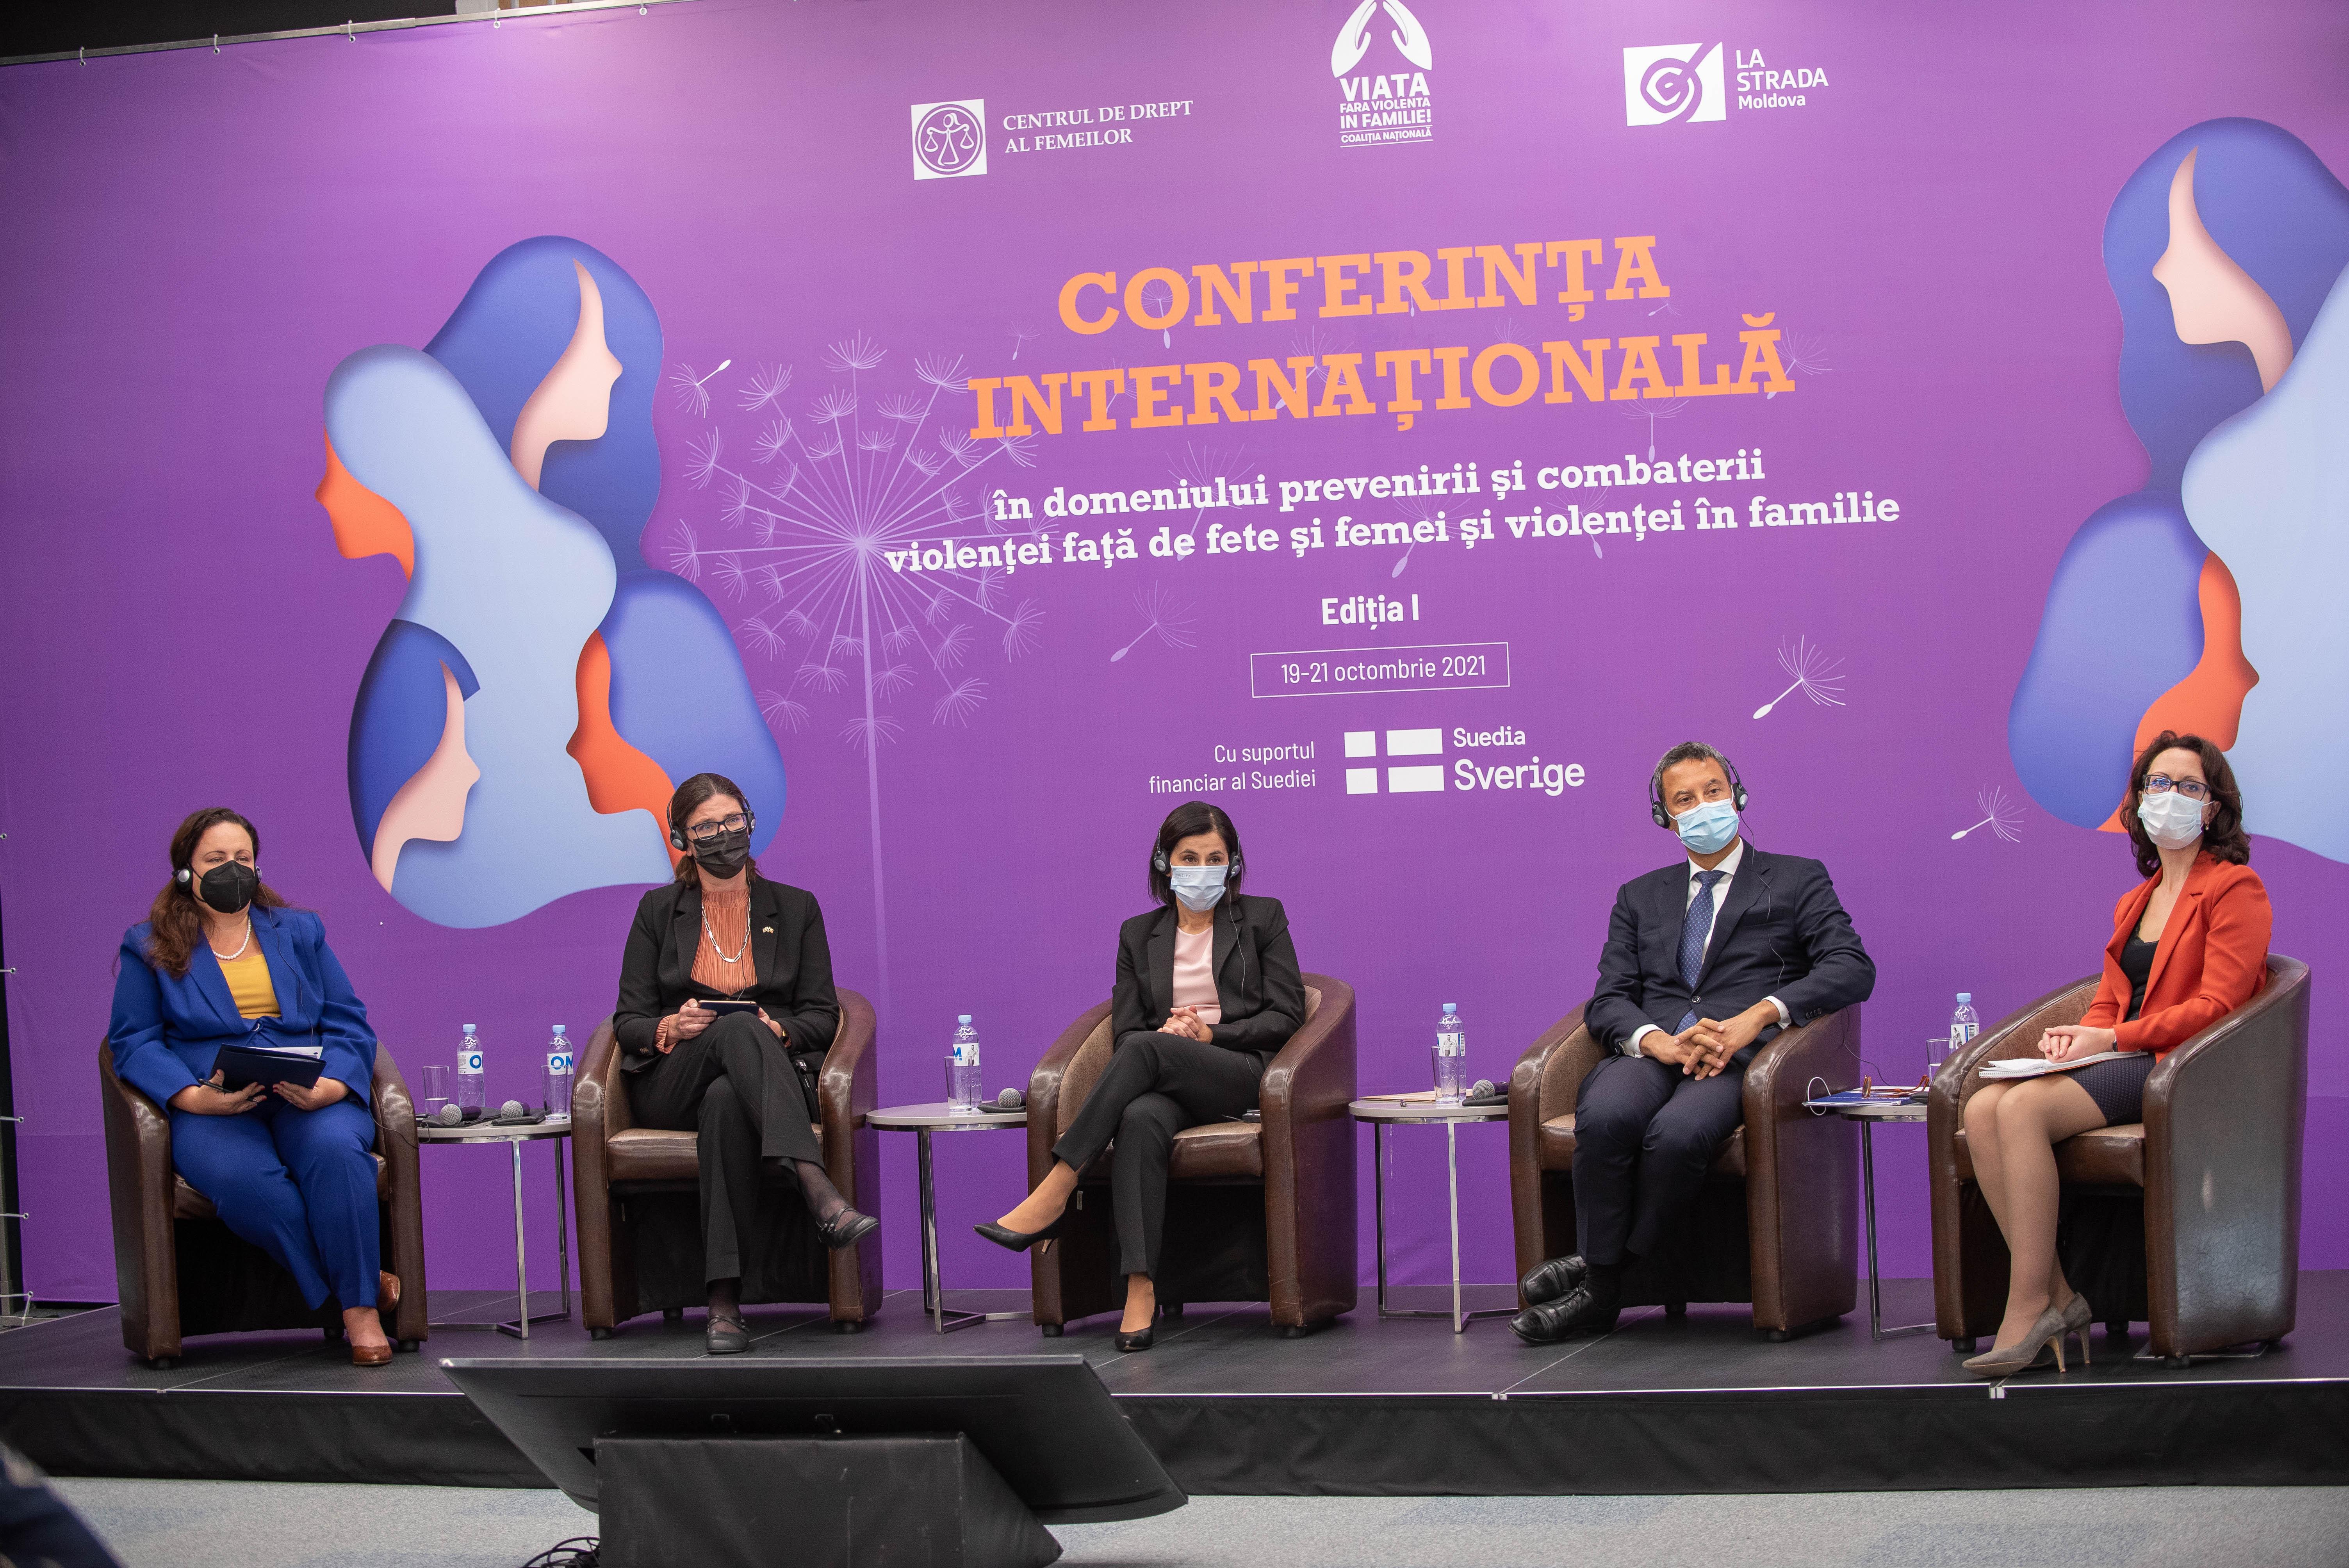 Prima ediție a Conferinței Internaționale în domeniul prevenirii și combaterii violenței față de fete și femei și violenței în familie a adunat peste 40 de speakeri naționali și internaționali